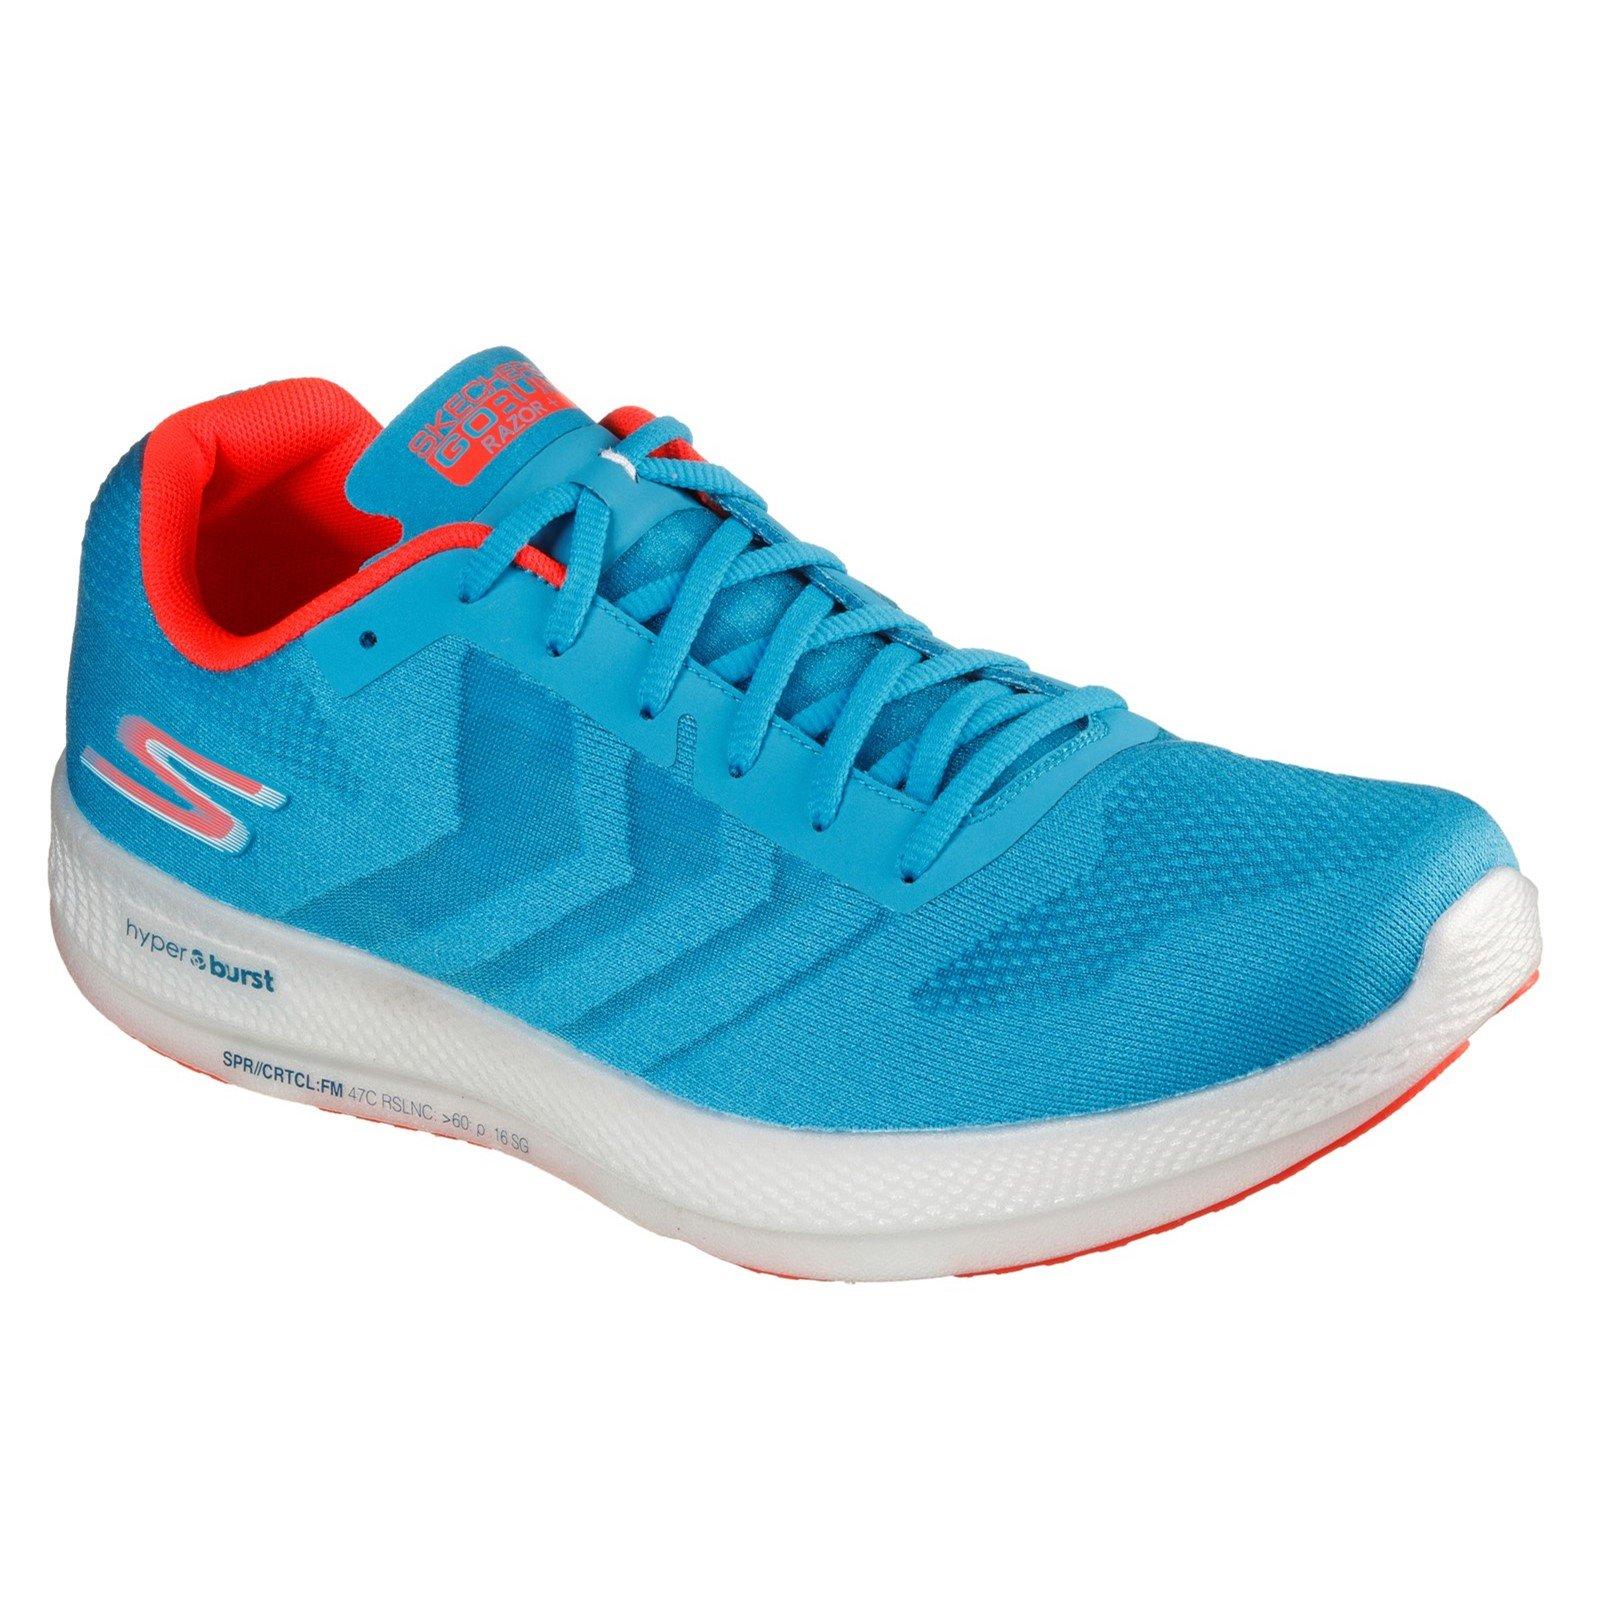 Skechers Men's Go Run Razor Trainer Multicolor 32699 - Blue/Coral 9